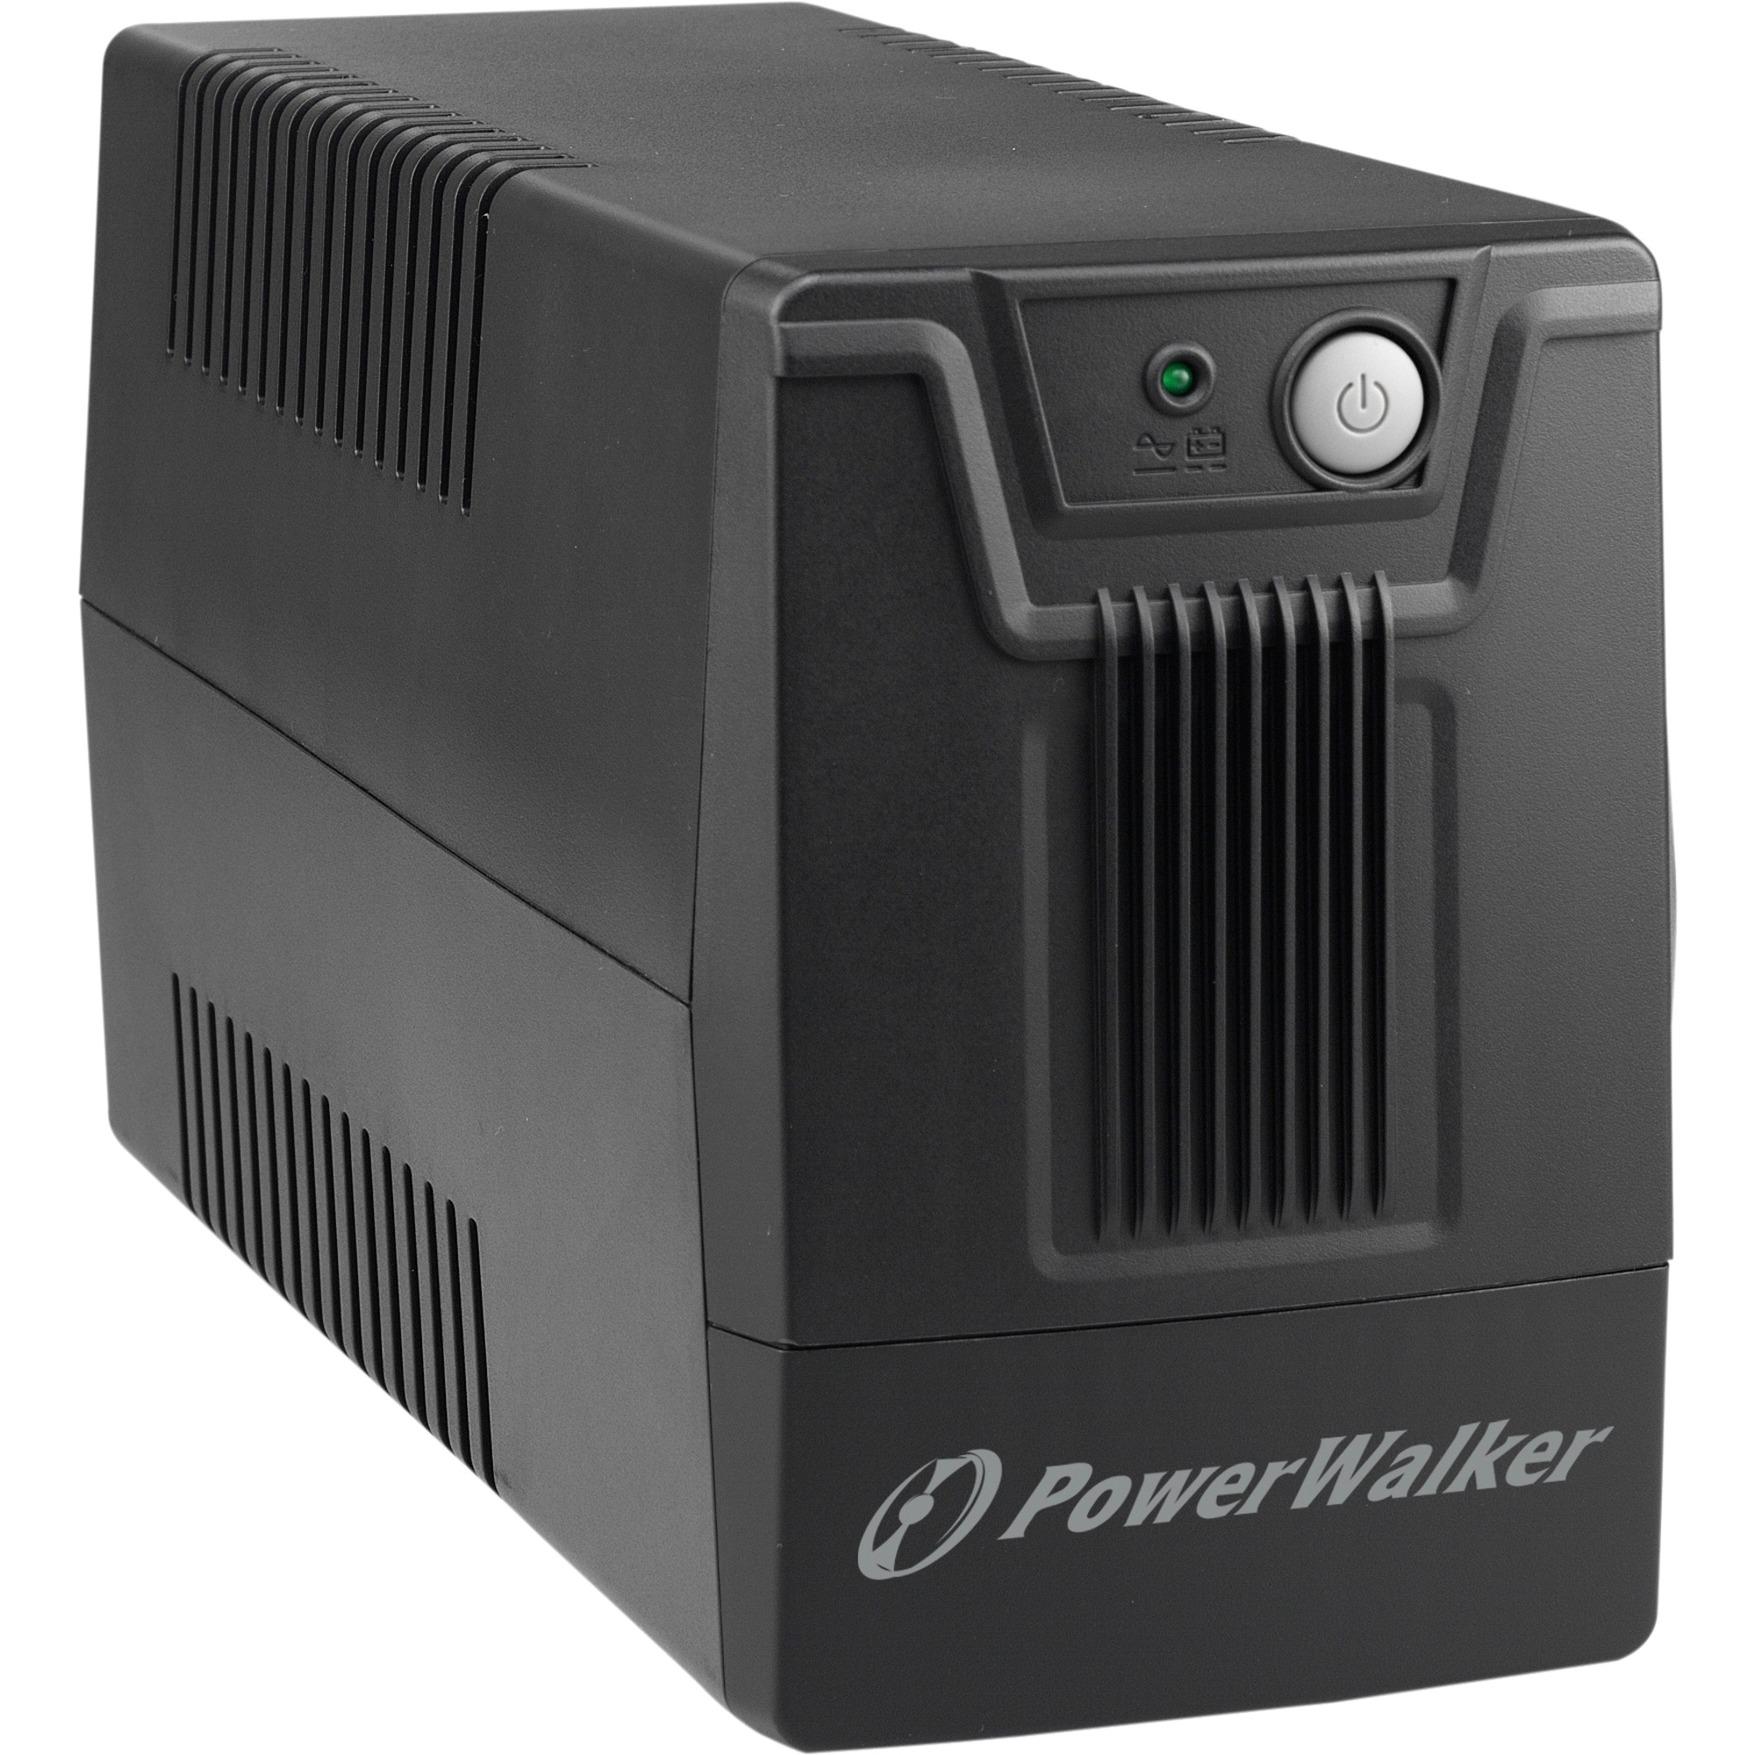 10121024 sistema de alimentación ininterrumpida (UPS) 600 VA 2 salidas AC Línea interactiva